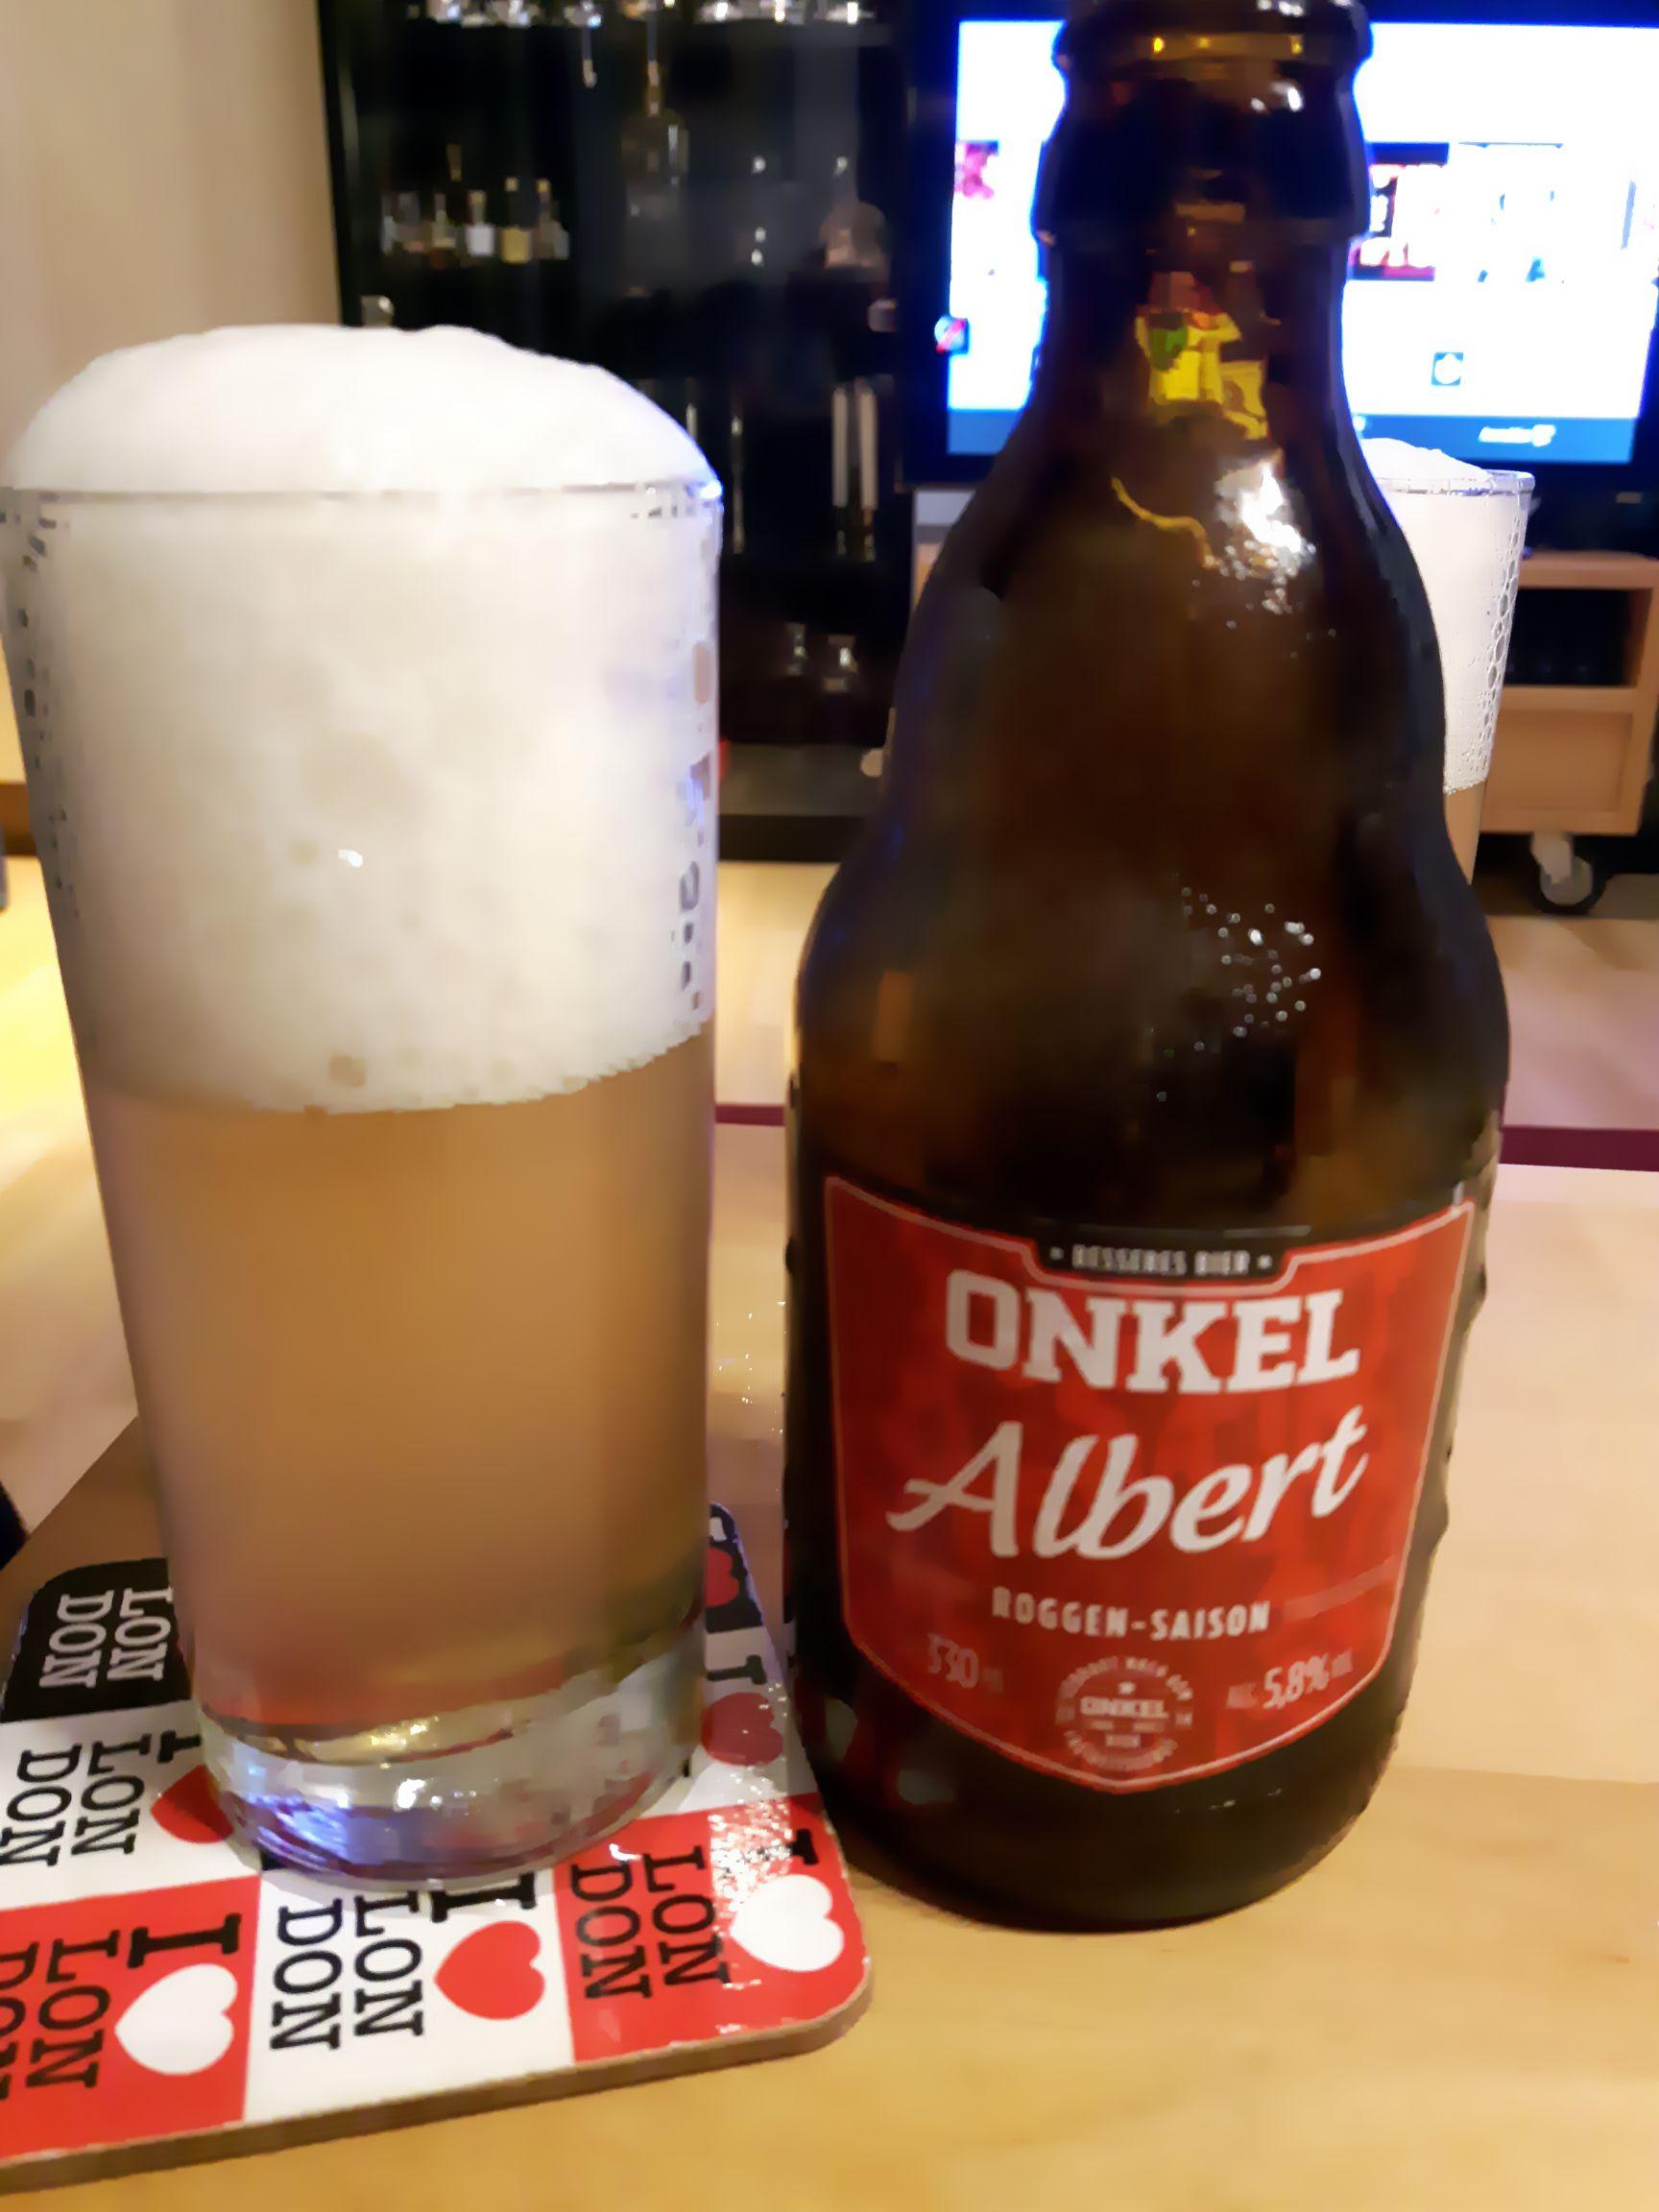 Onkel_Albert